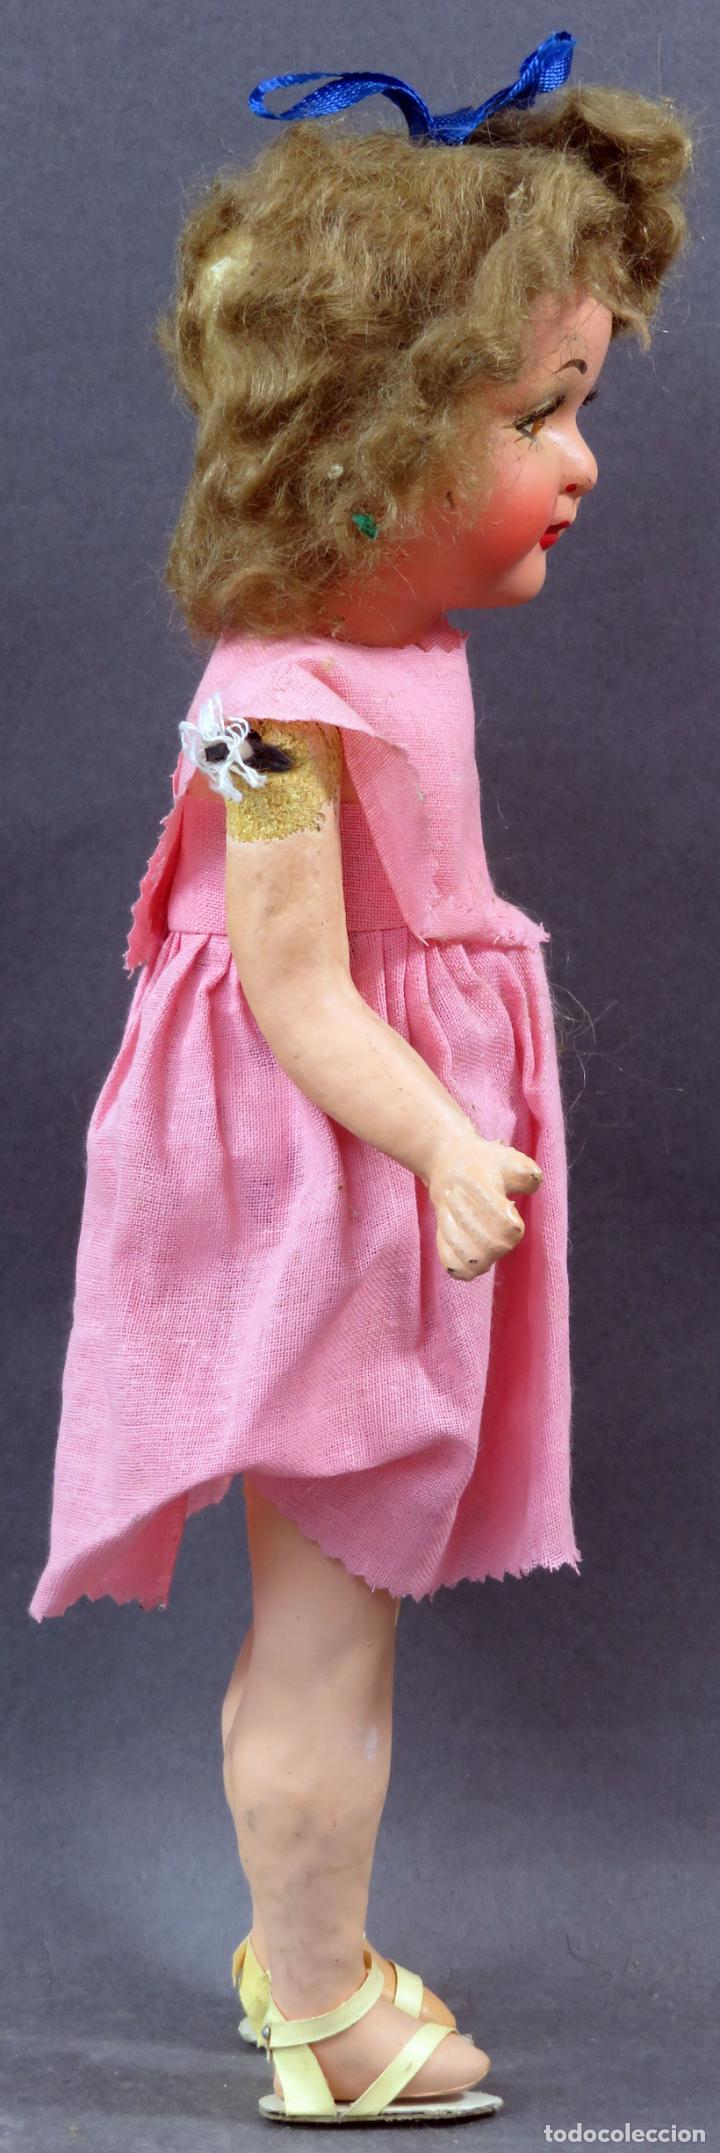 Muñeca española clasica: Muñeca popular cabeza cerámica cuerpo cartón piedra articulada ropa original años 30 - 40 30 cm - Foto 6 - 151812174